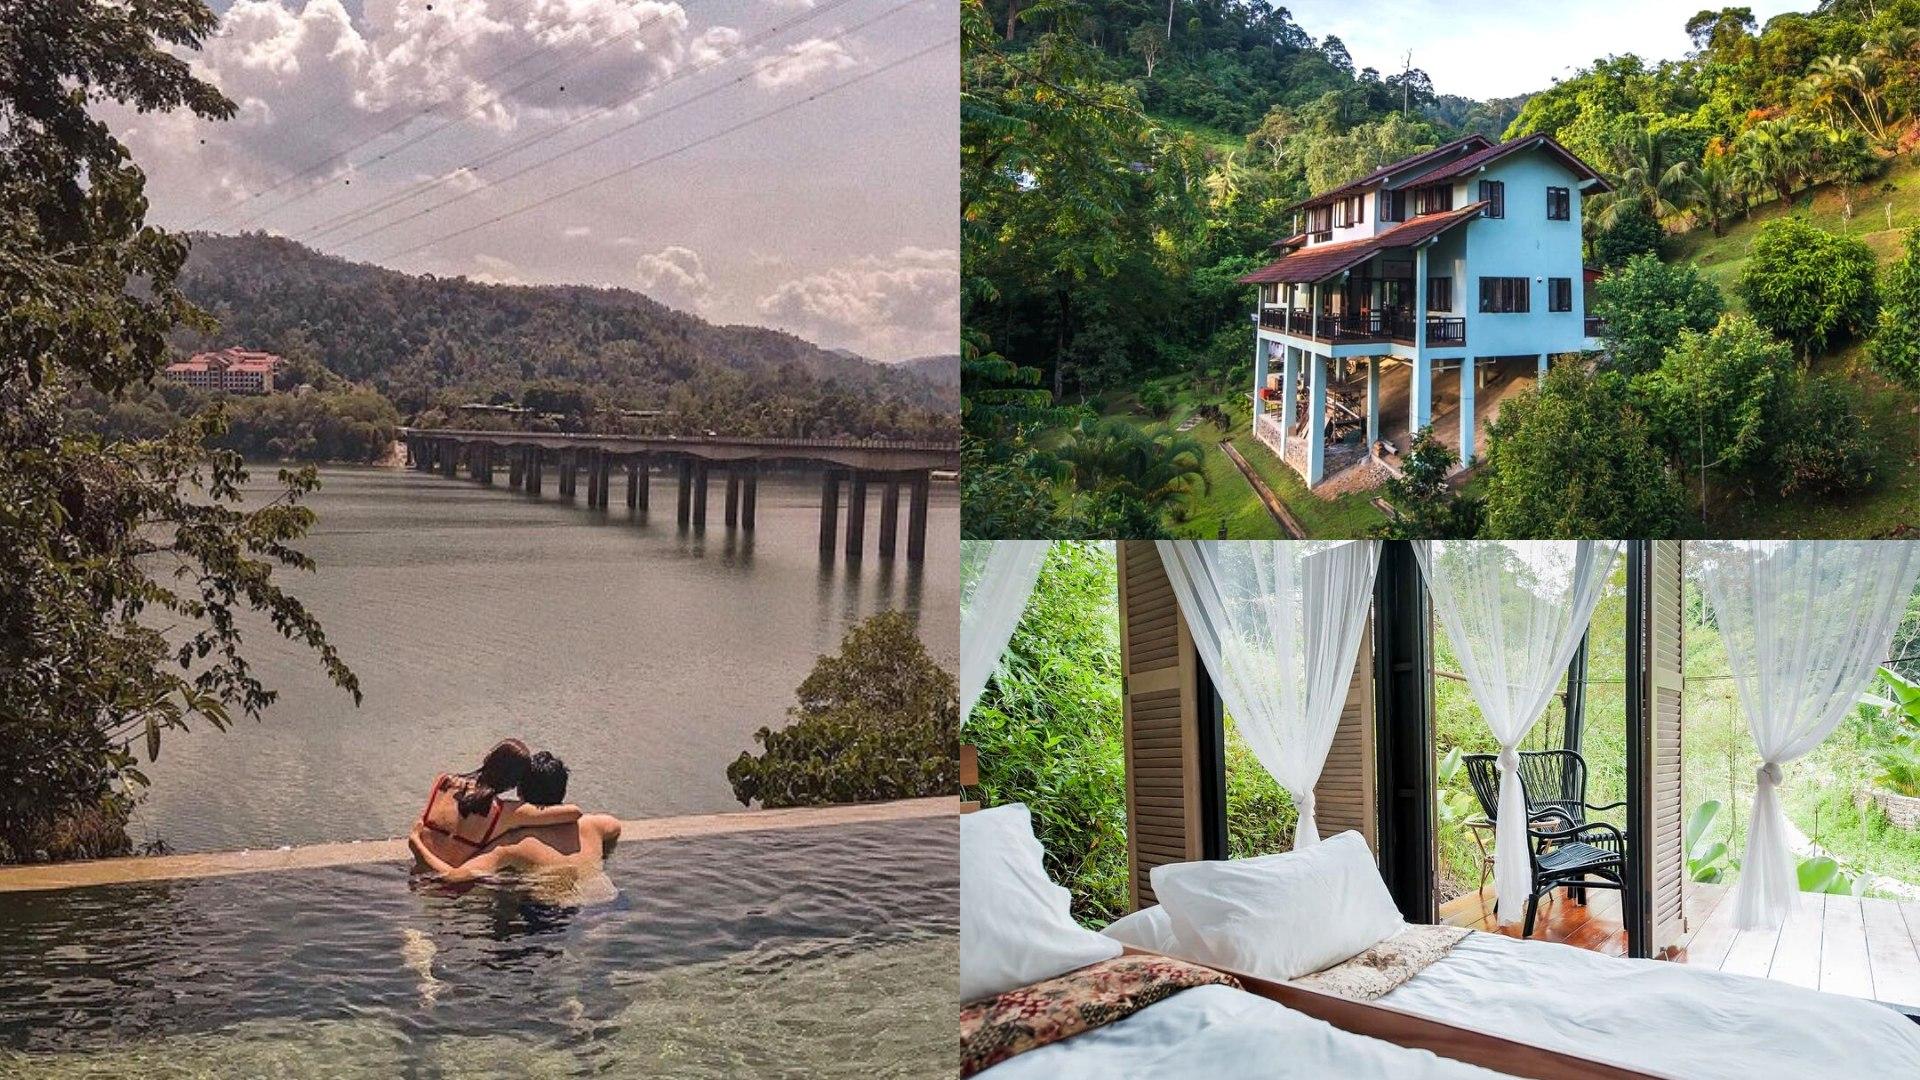 nature getaways kl malaysia